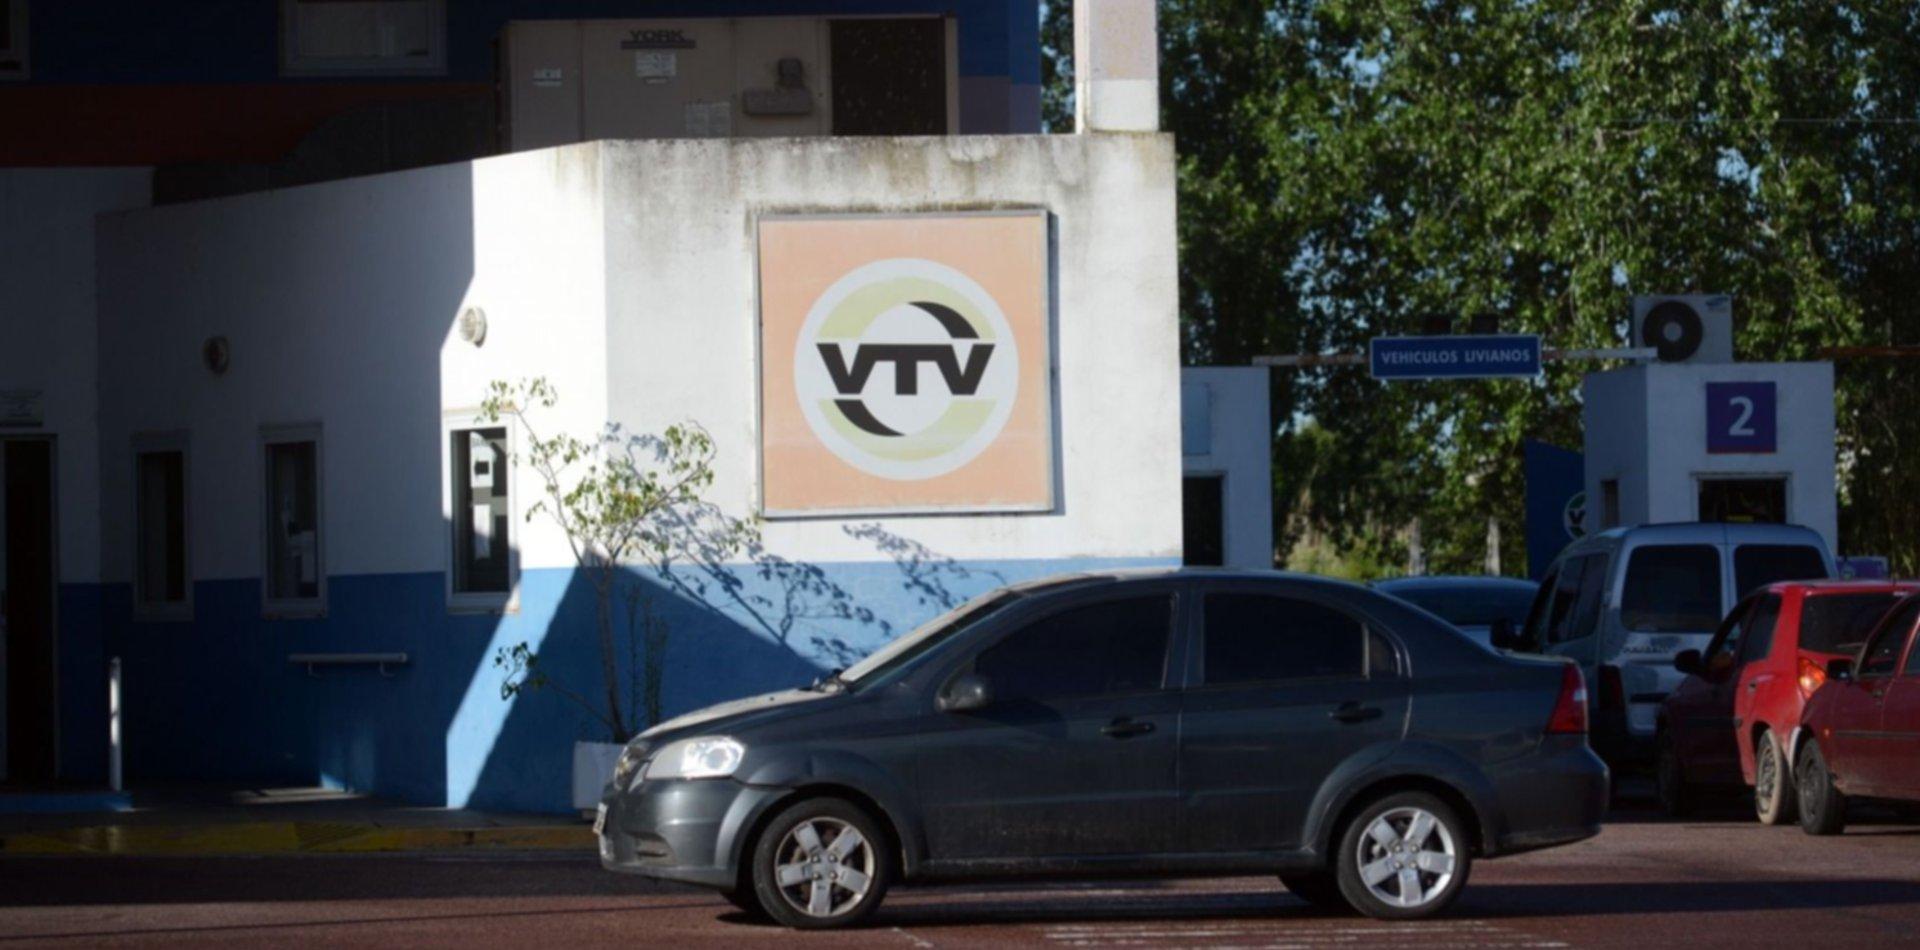 Extienden la validez de la VTV para evitar romper la cuarentena por el coronavirus